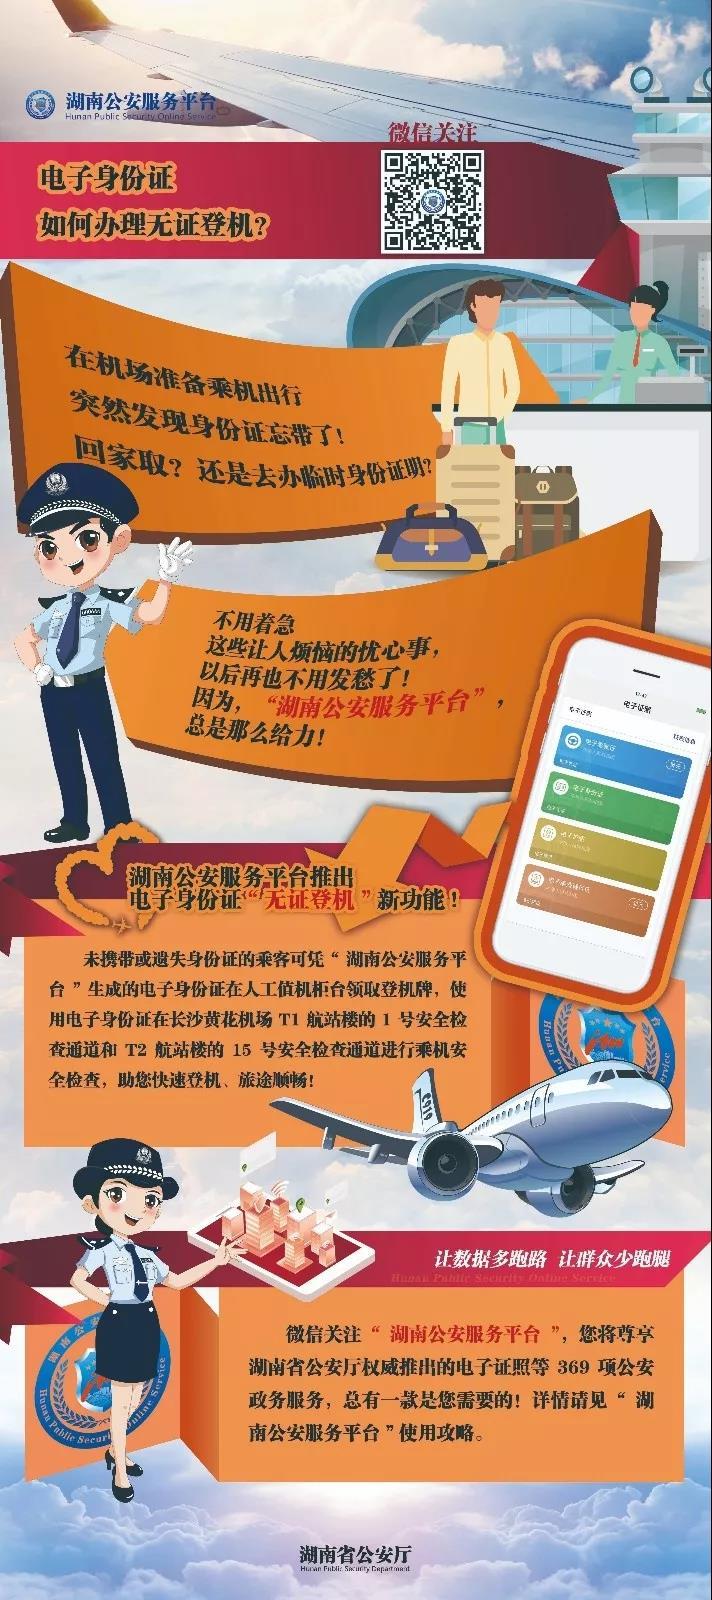 """一""""證""""登機 湖南公安服務平臺推出""""電子身份證""""登機功能"""